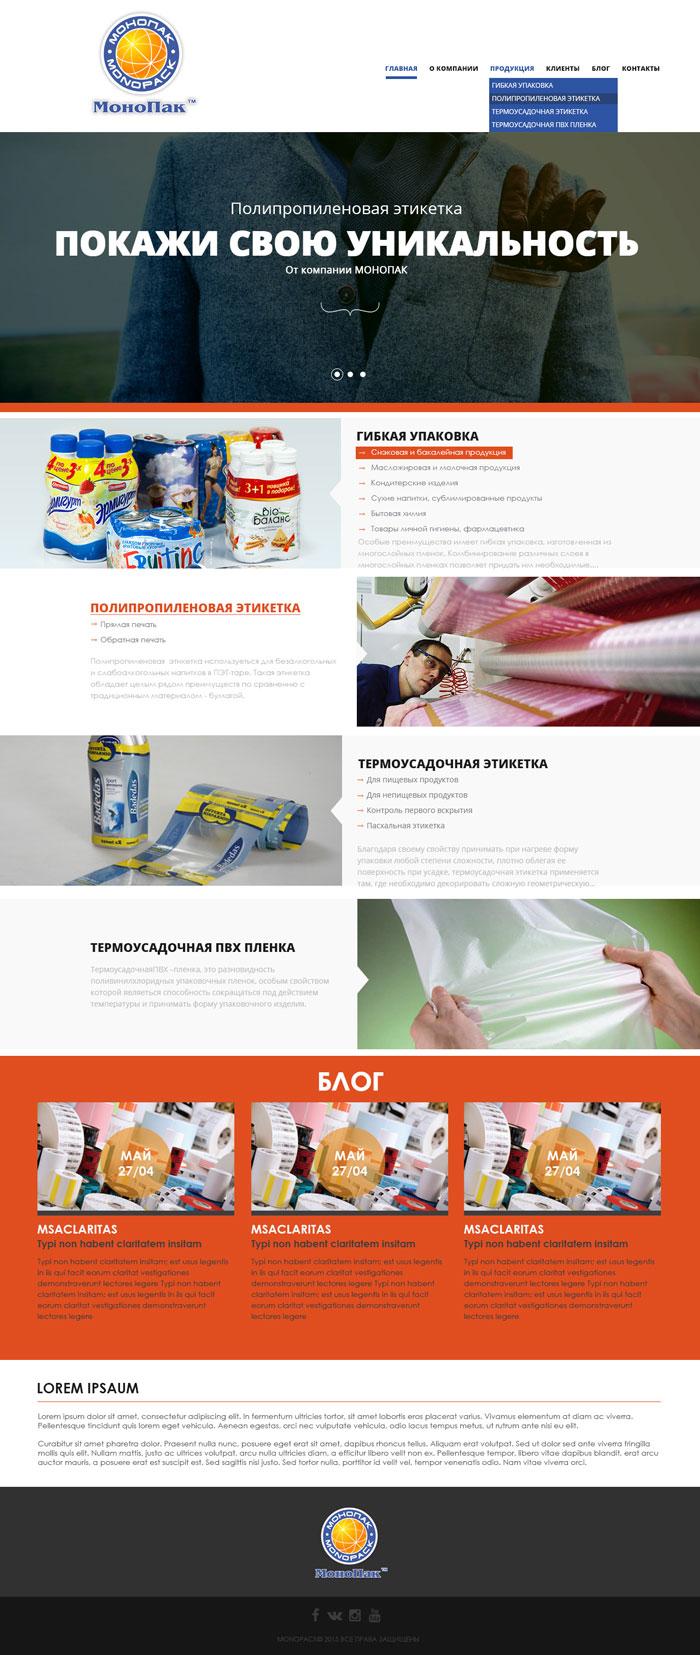 Proizvodstvo polimernyih upakovochnyih materialov Monopak